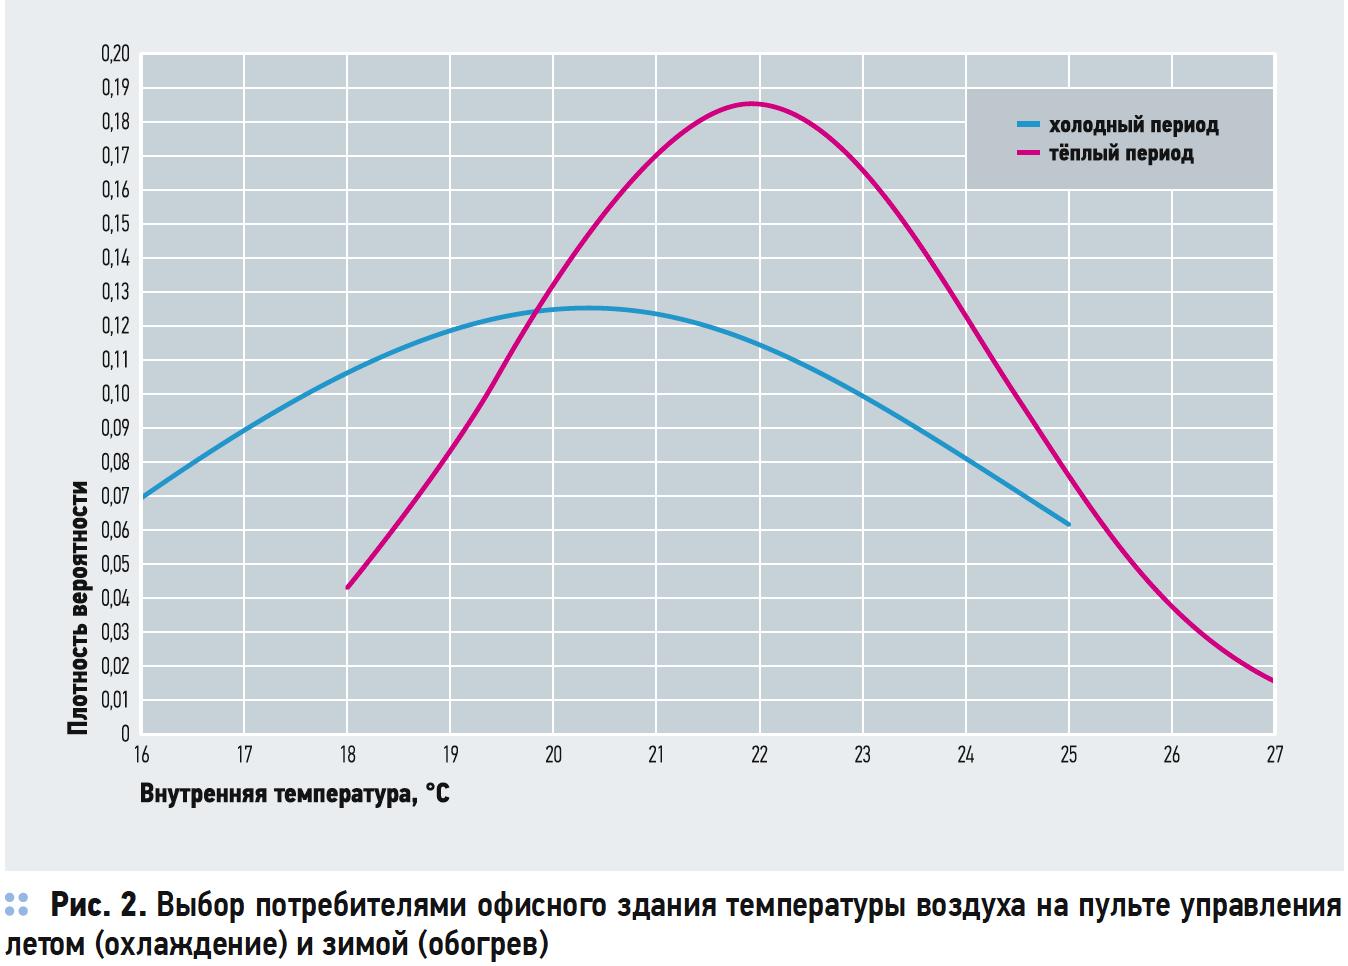 Выбор потребителями офисного здания температуры воздуха на пульте управления летом (охлаждение) и зимой (обогрев)